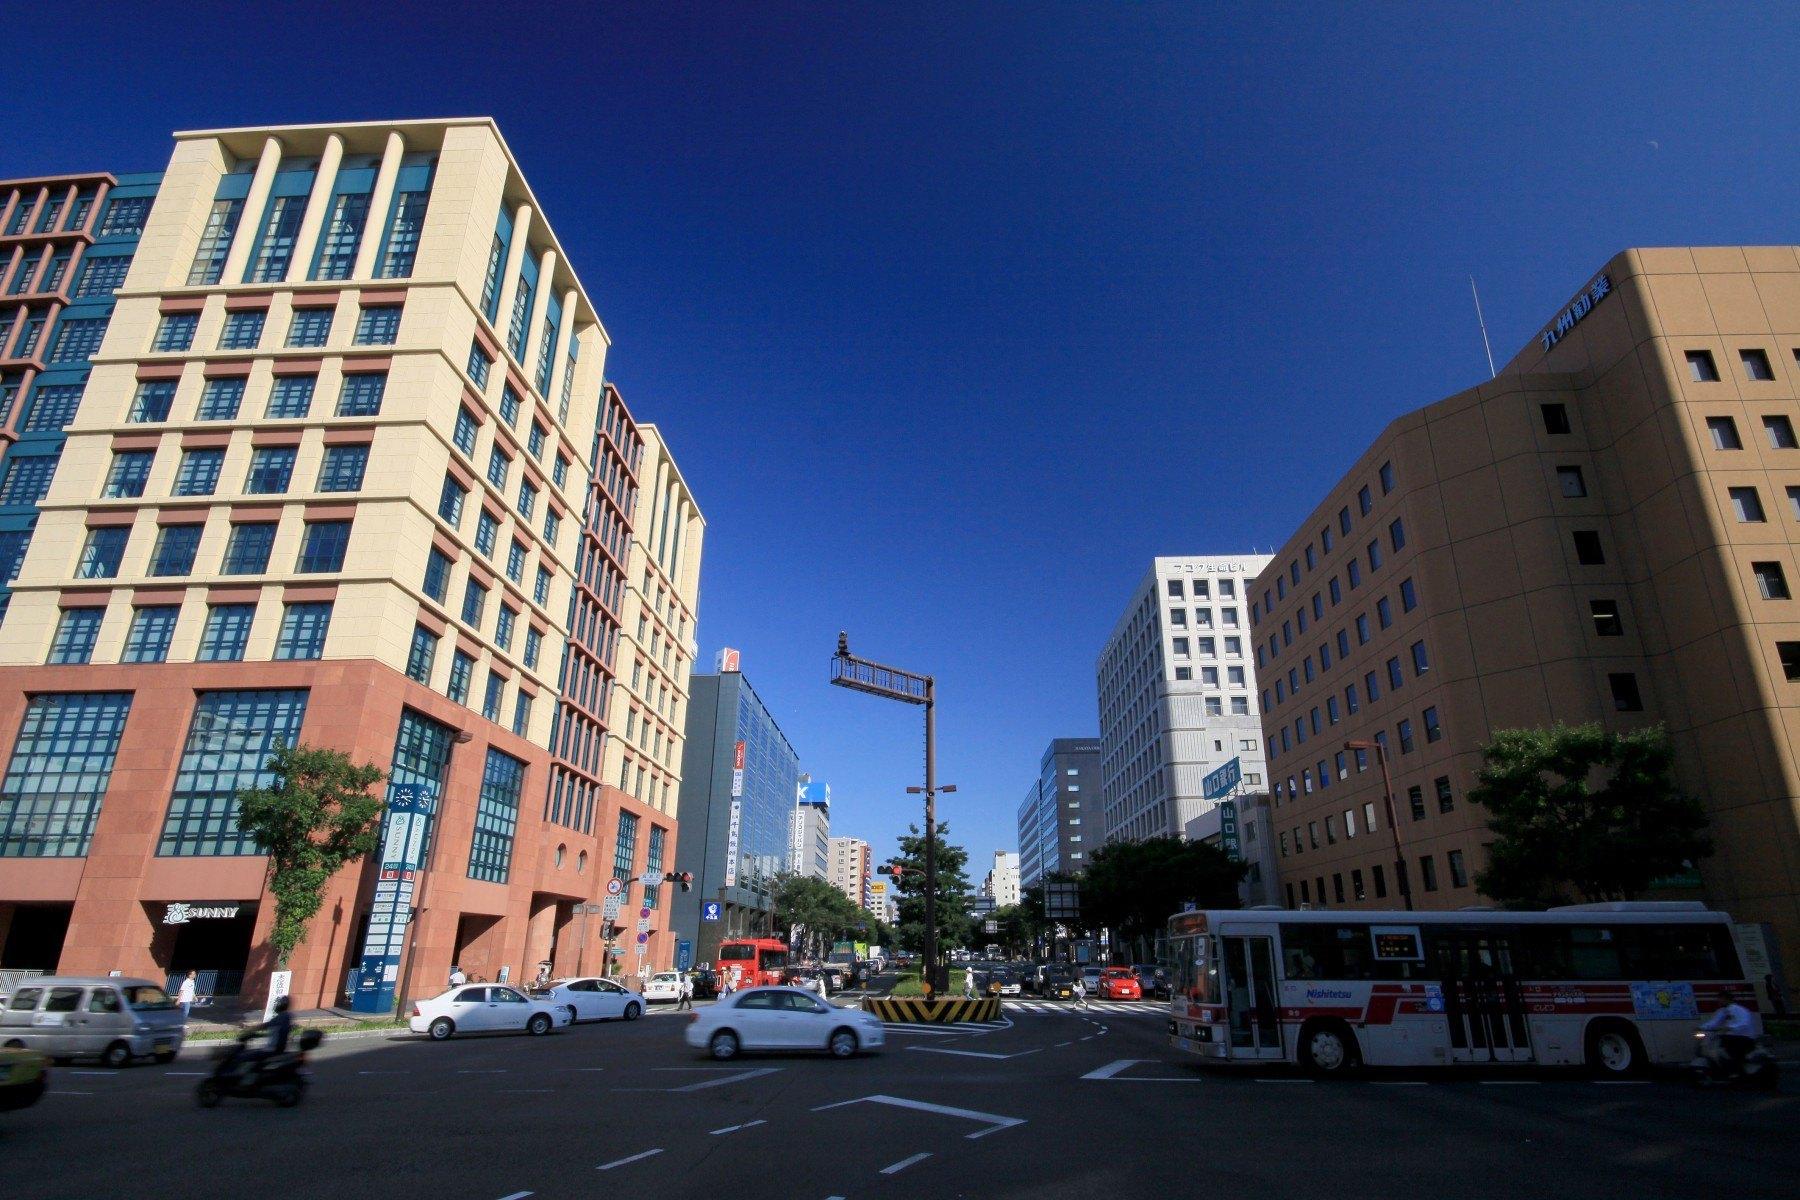 呉服町(2009)の画像